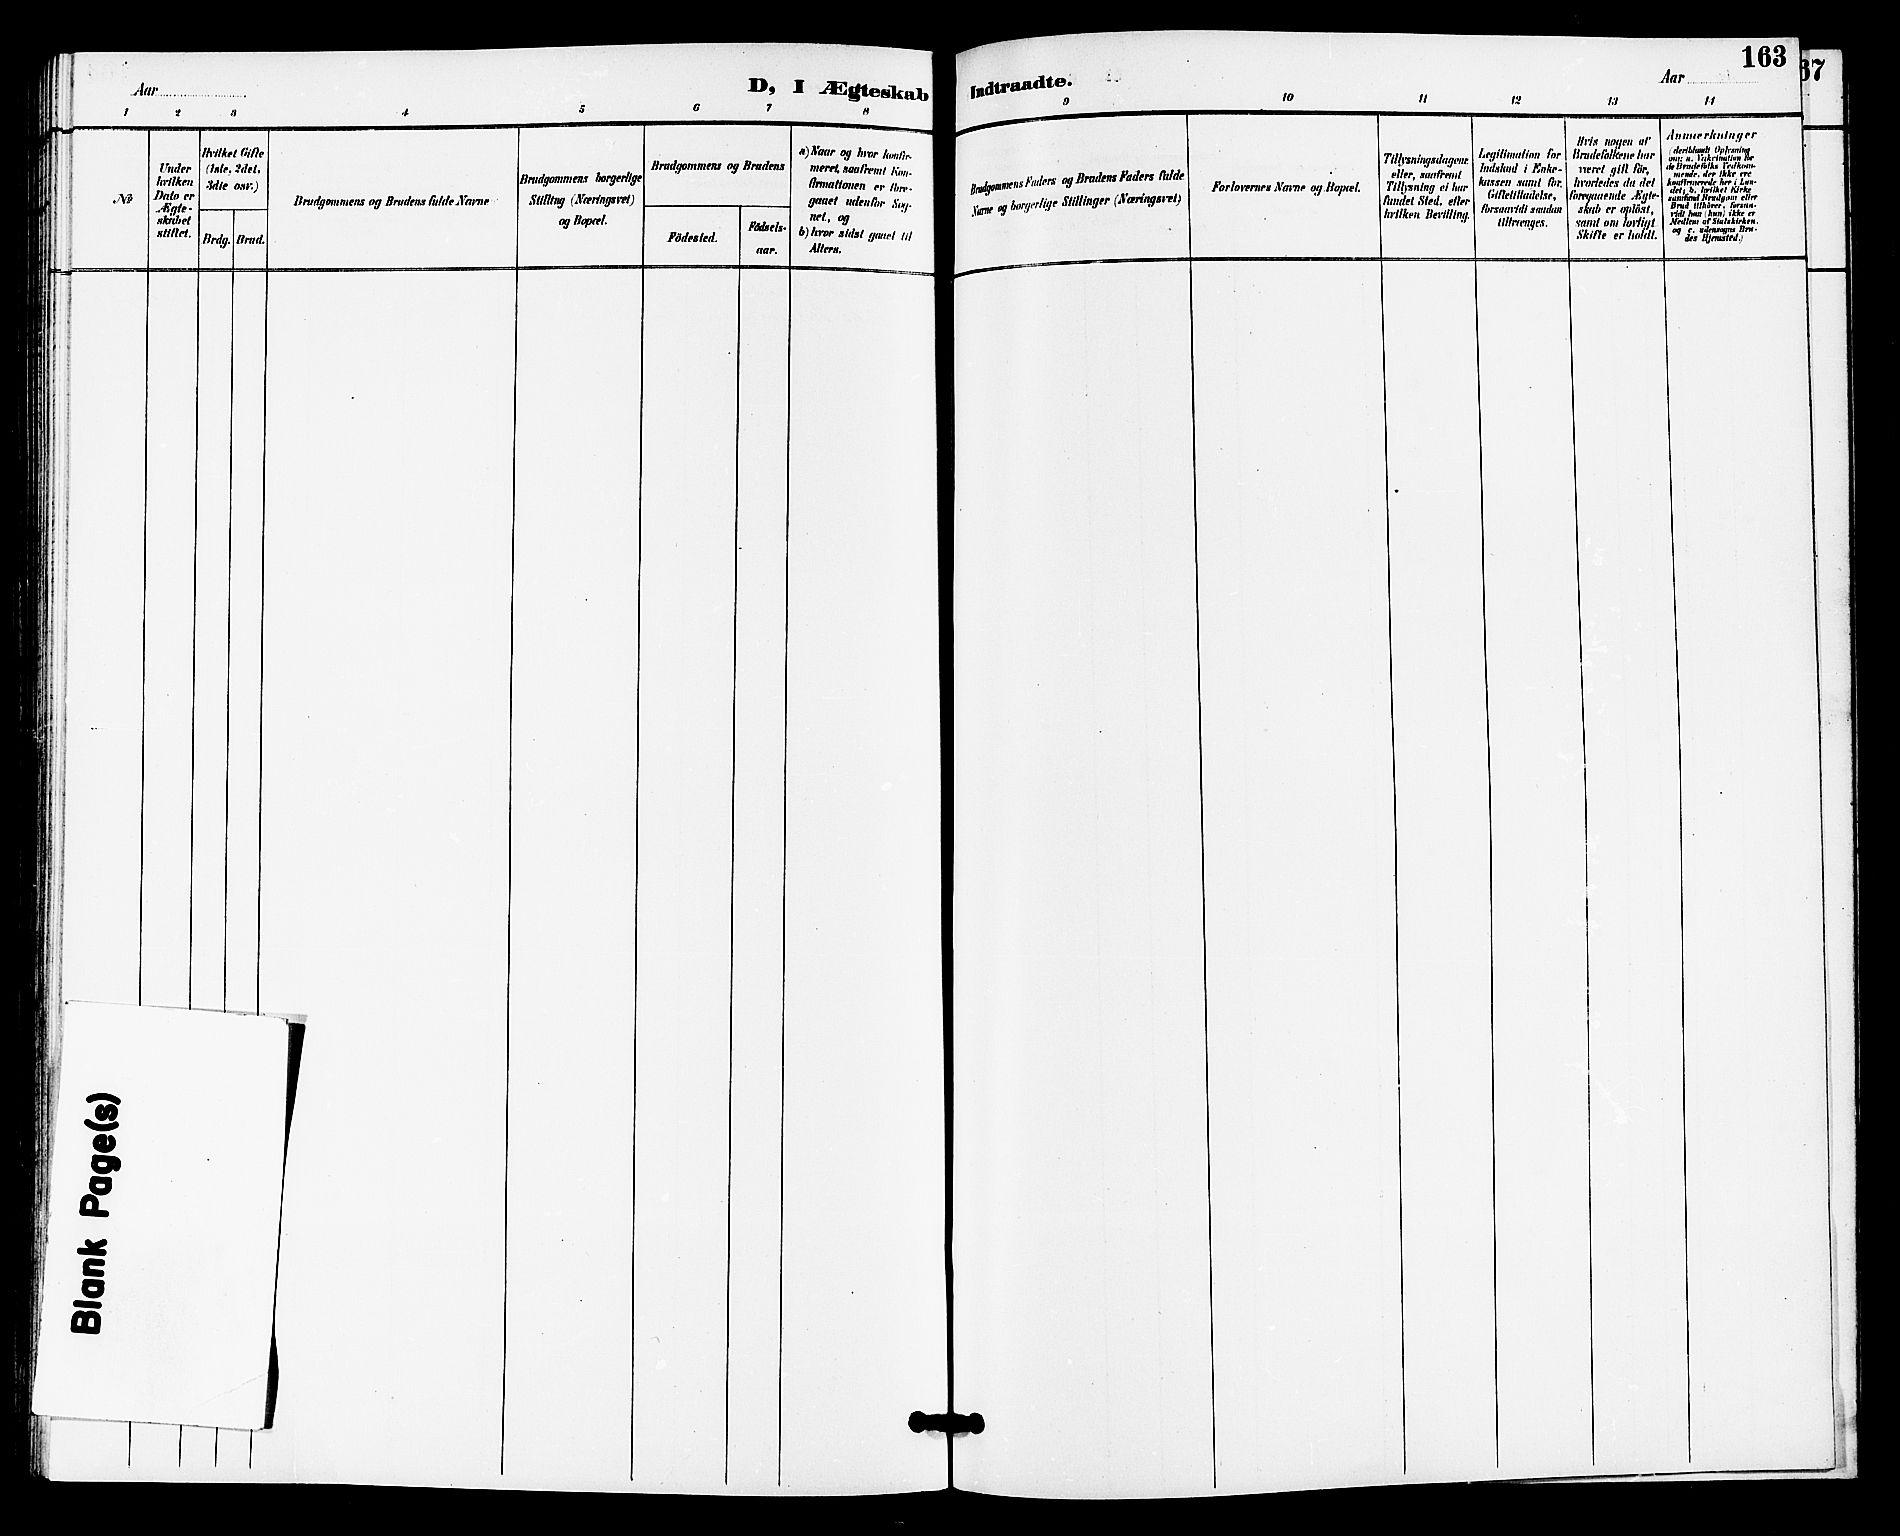 SAKO, Gransherad kirkebøker, G/Ga/L0003: Klokkerbok nr. I 3, 1887-1915, s. 163